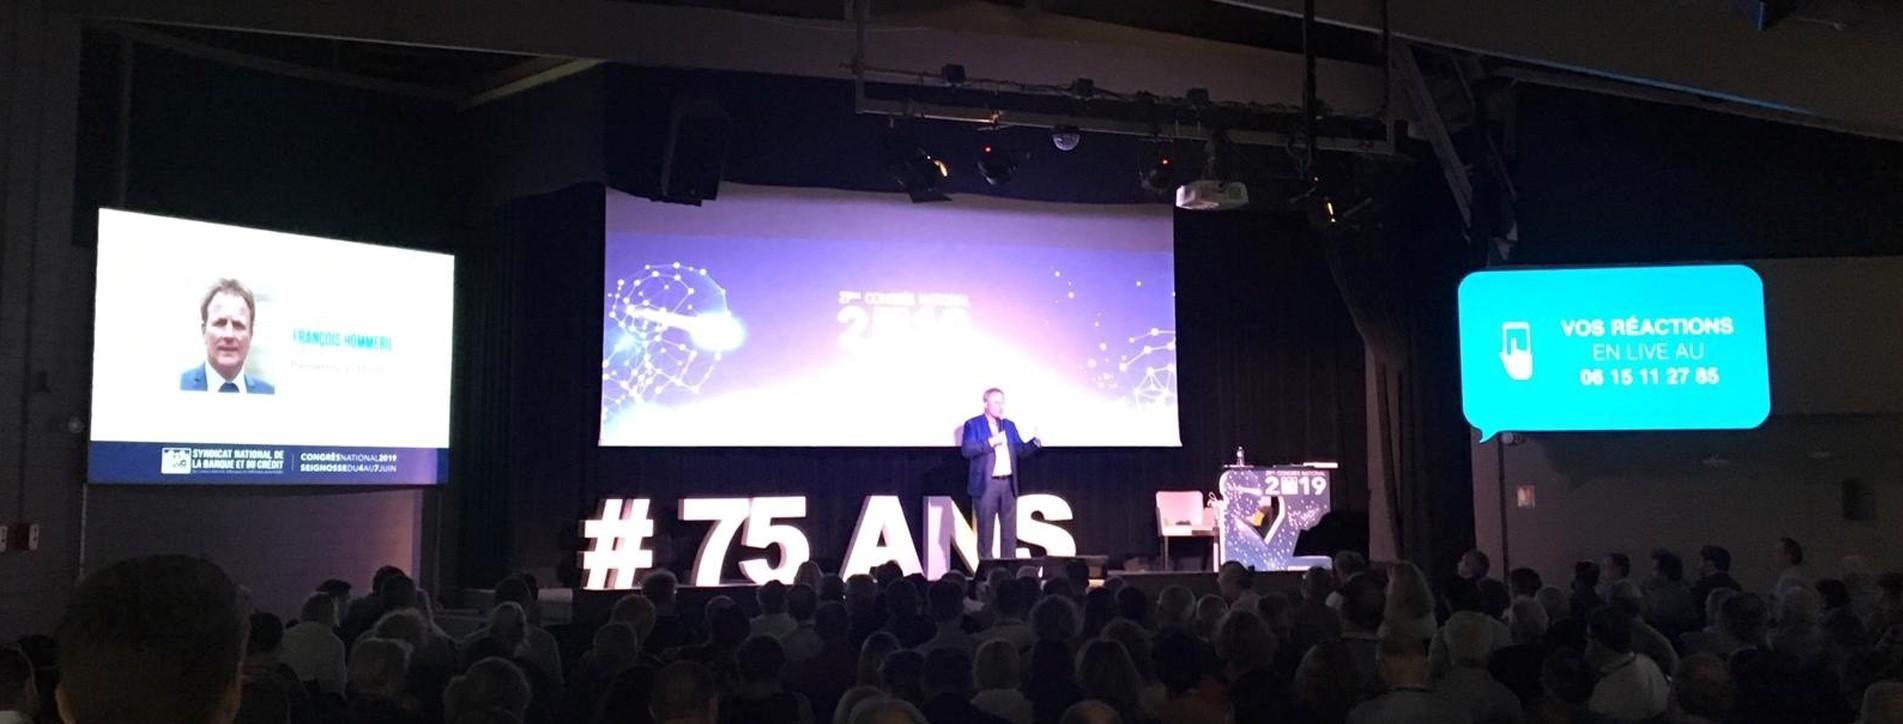 Lettres et comptoirs en géants en polystyrène 29ème Congrès du SNB 75 ans anniversaire fête conférence évènement professionnel discours